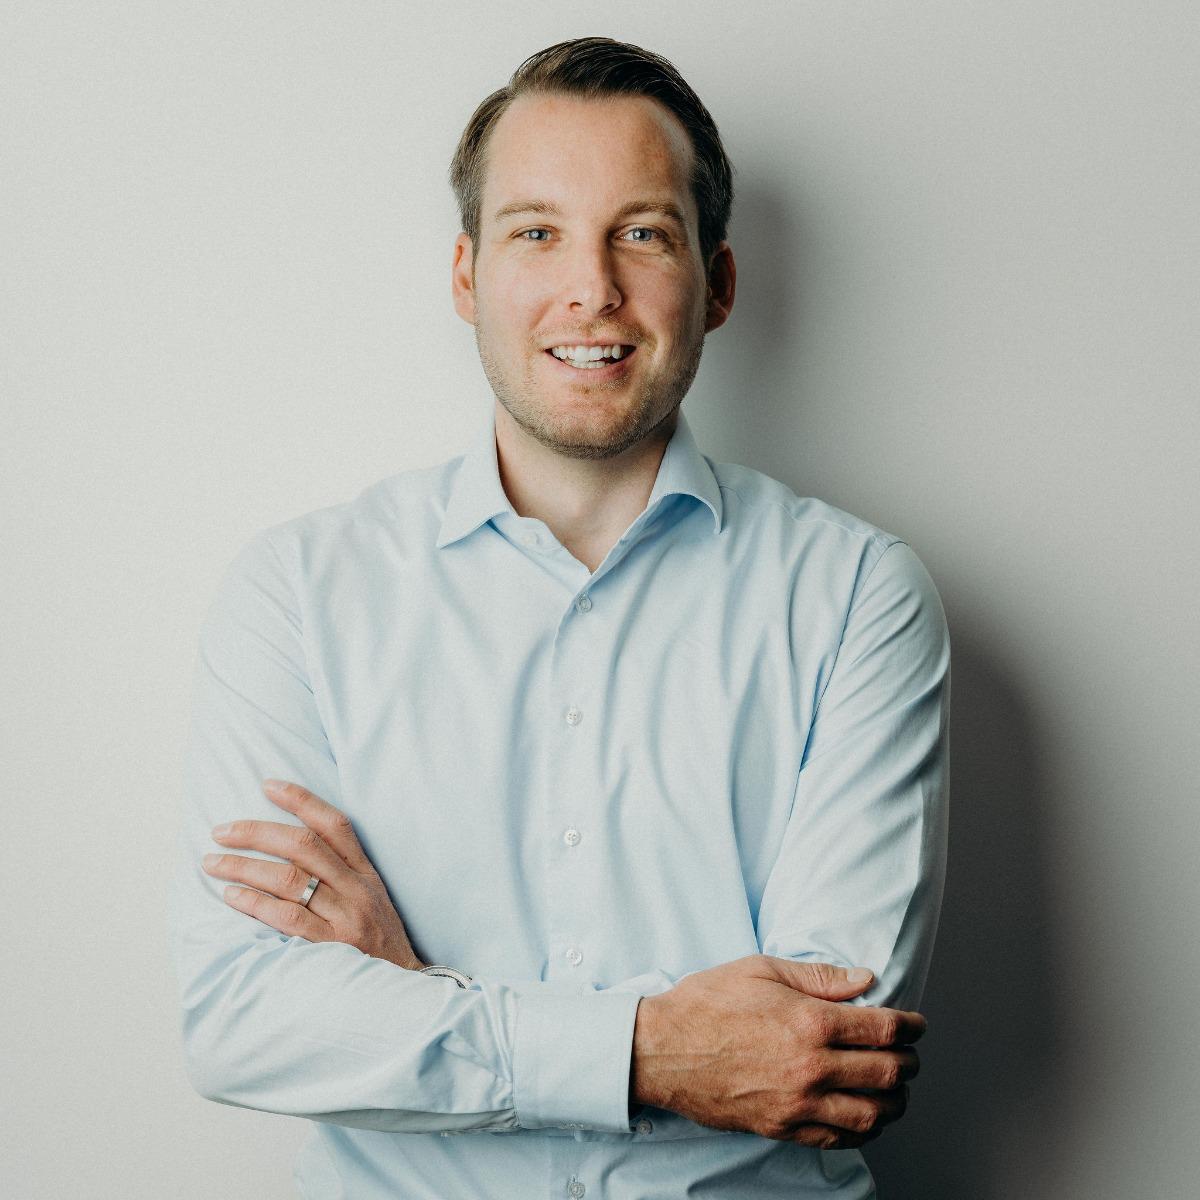 Roger Wäfler, CEO